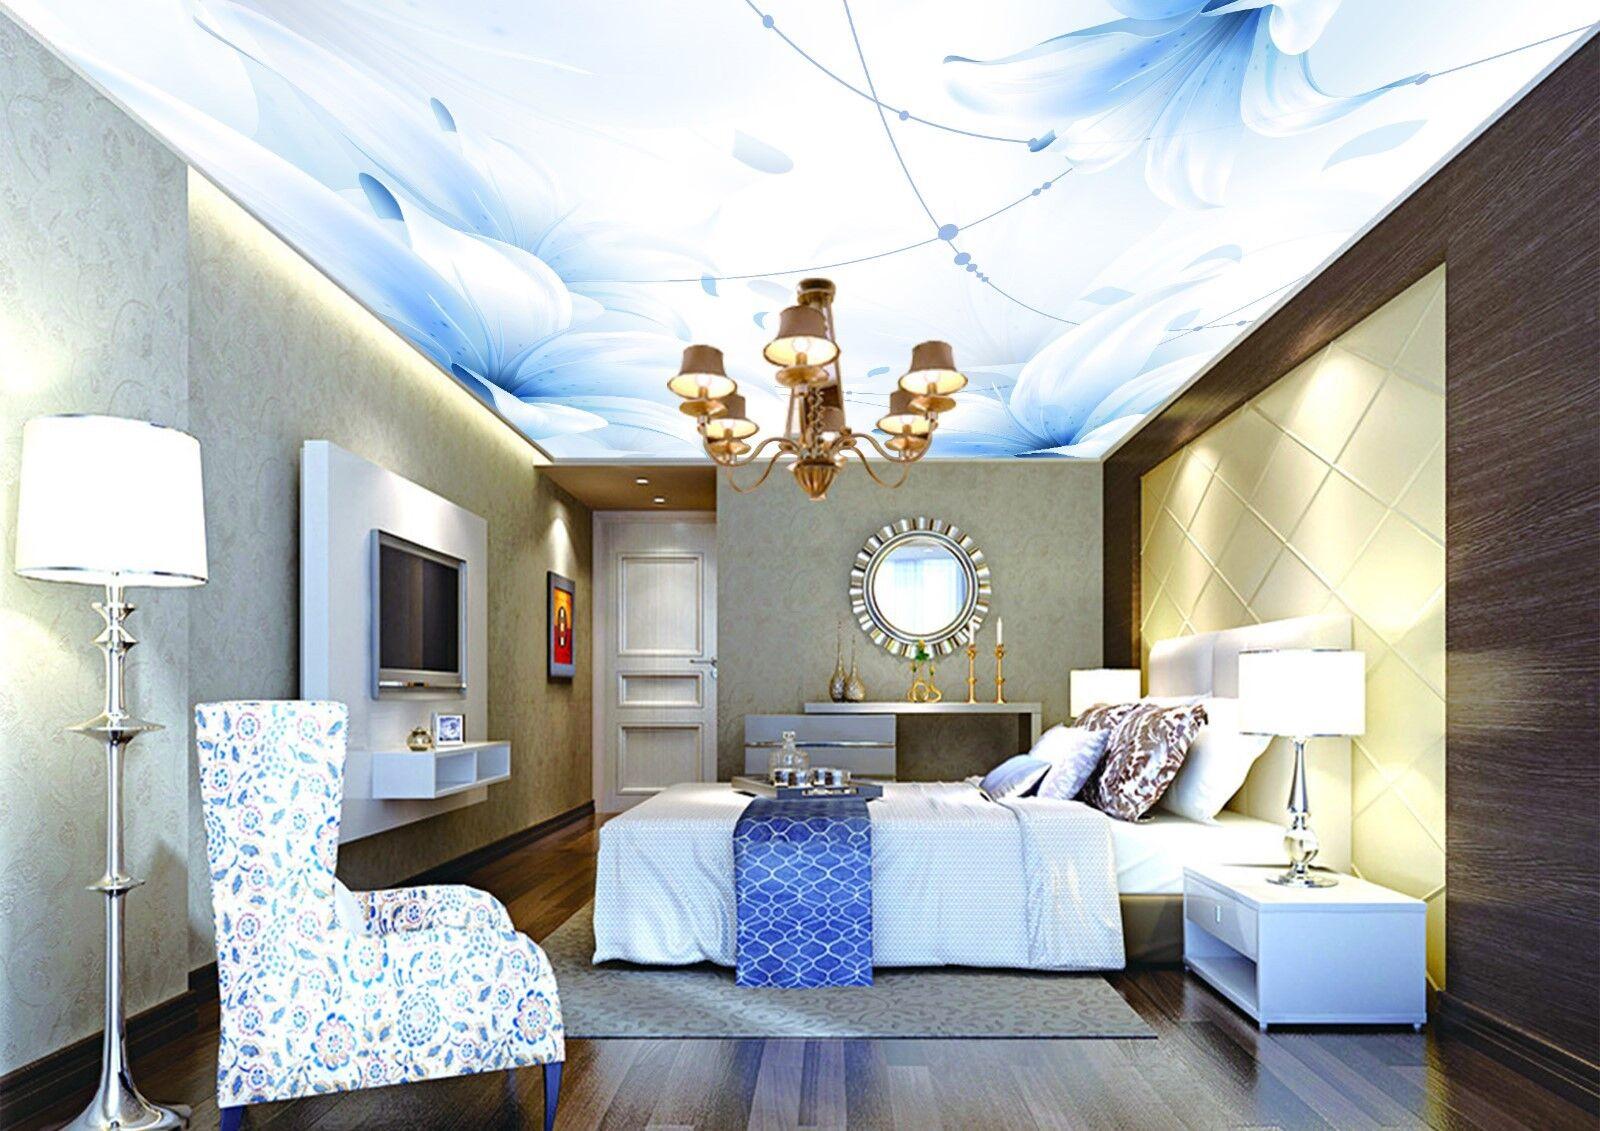 3D bluee Lilie 733  Fototapeten Wandbild Fototapete BildTapete Familie DE Kyra